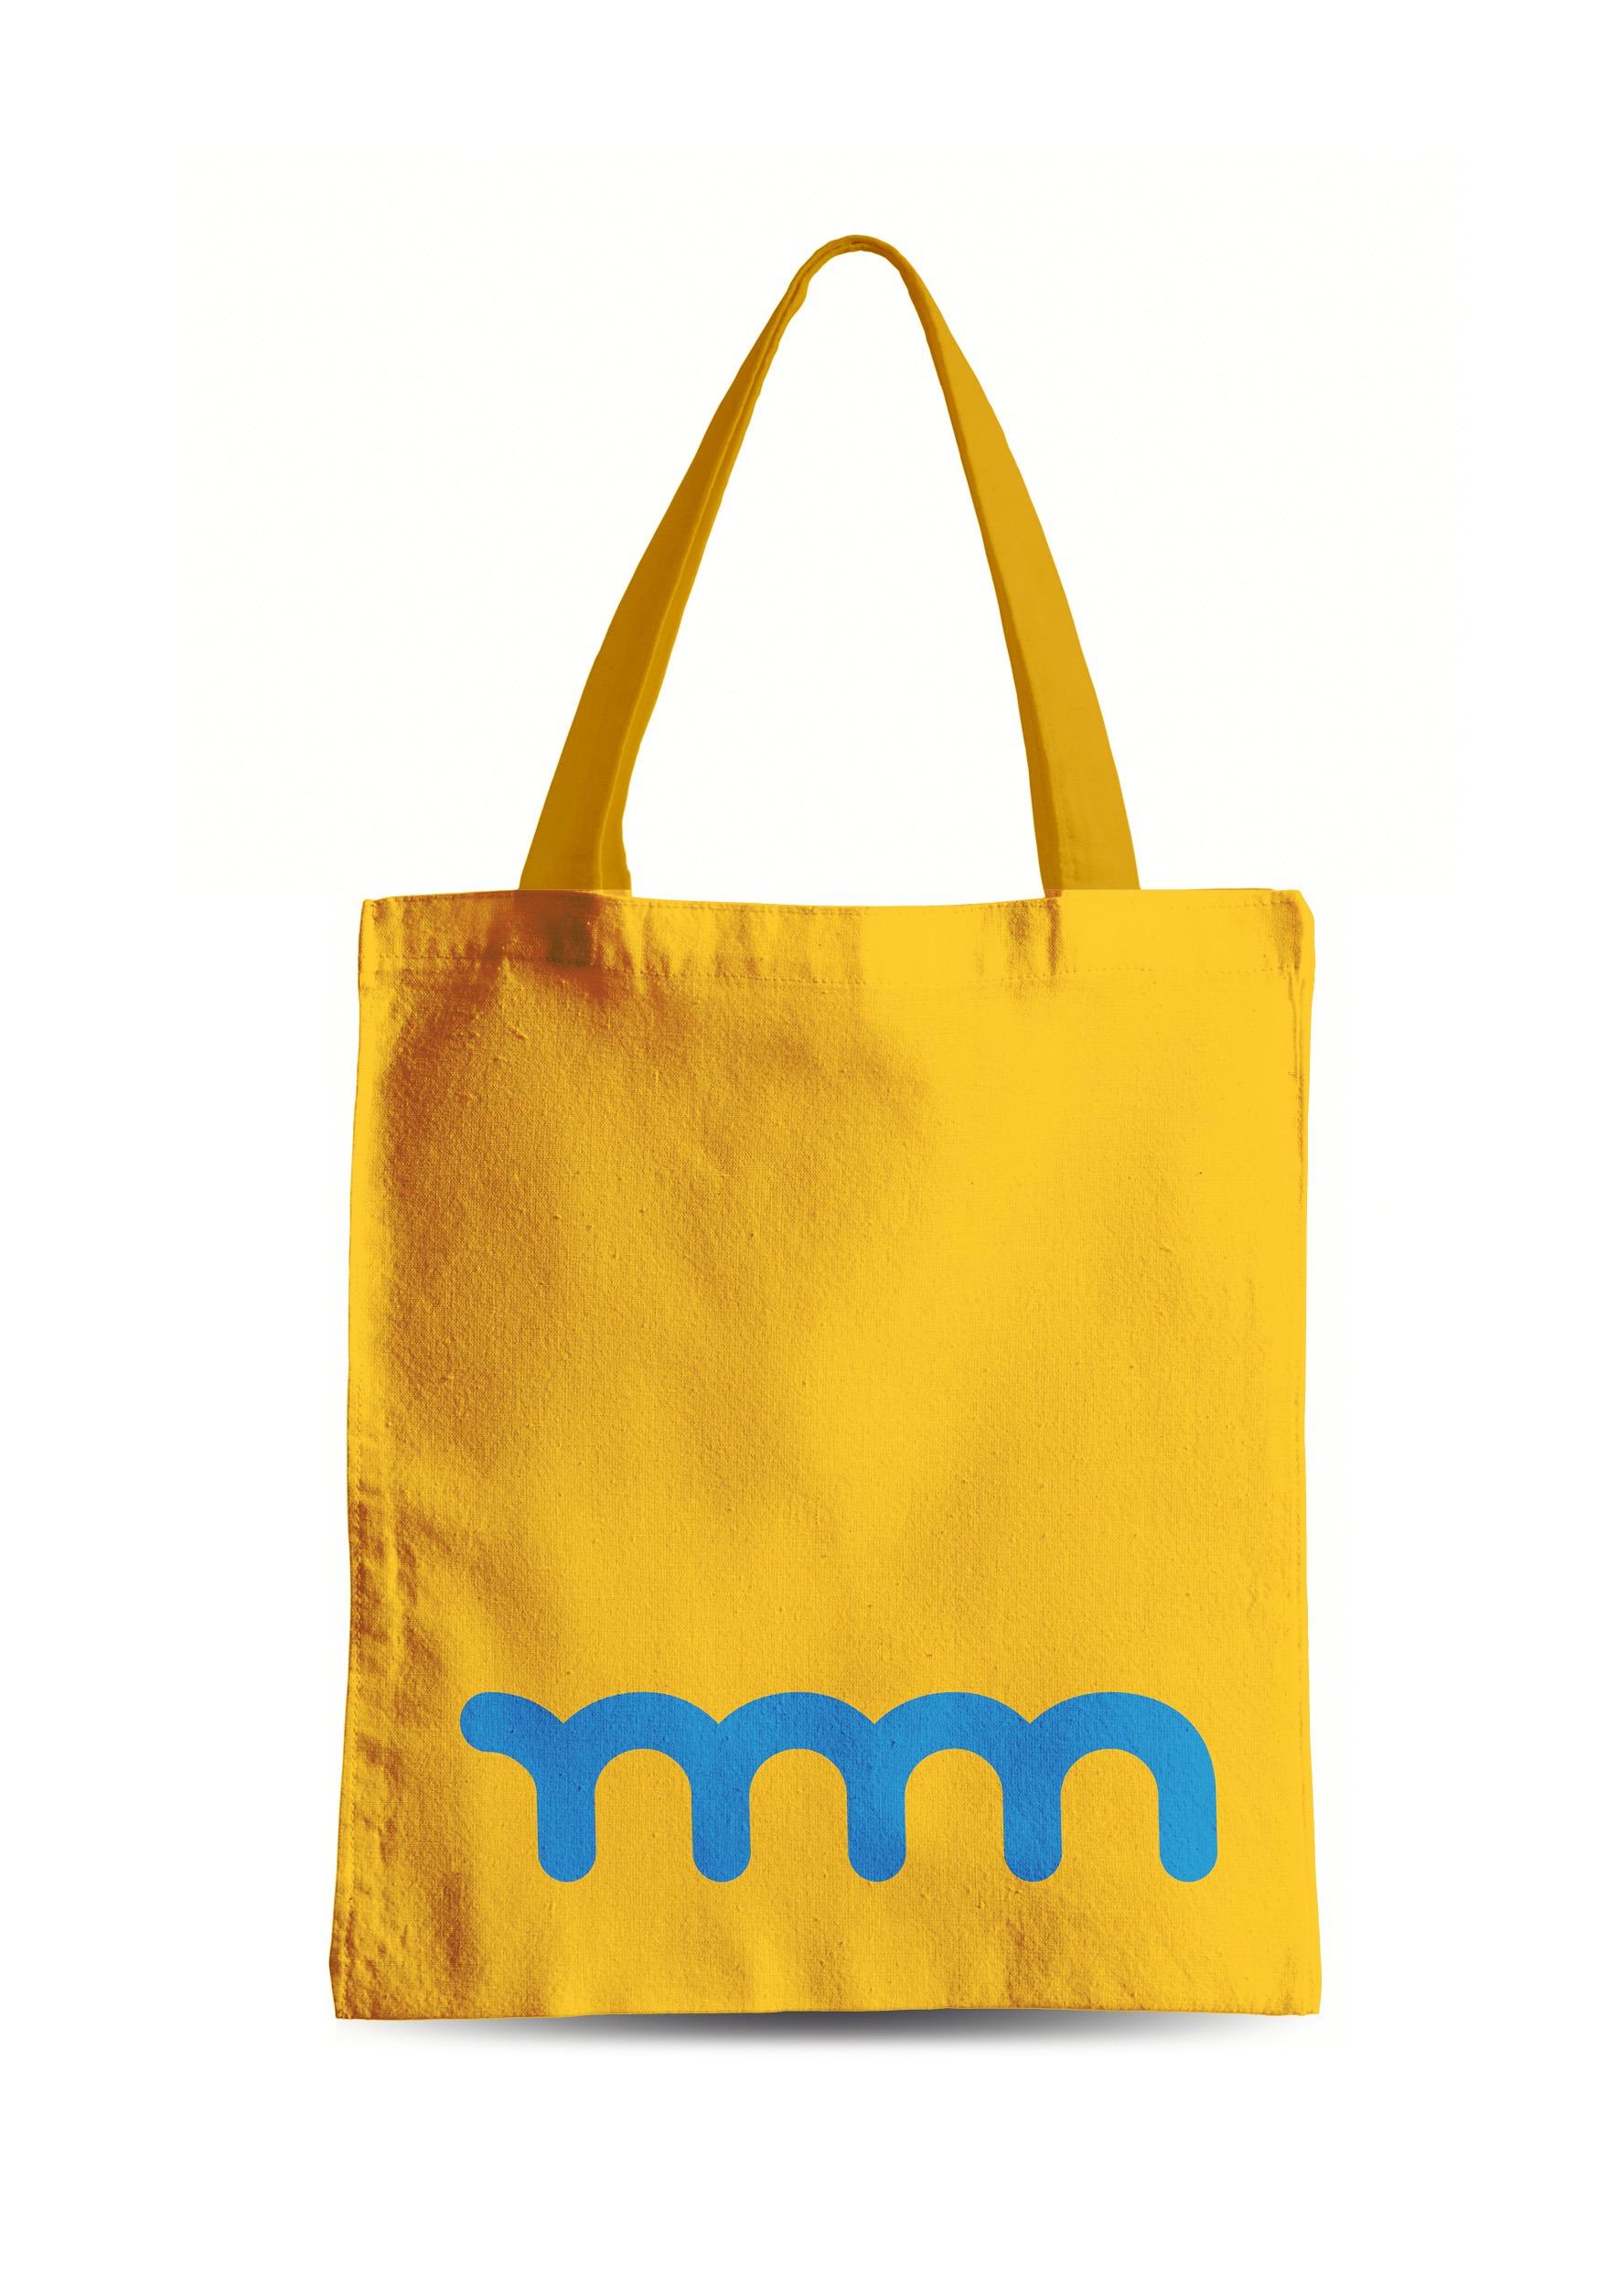 bag_mock_up_3